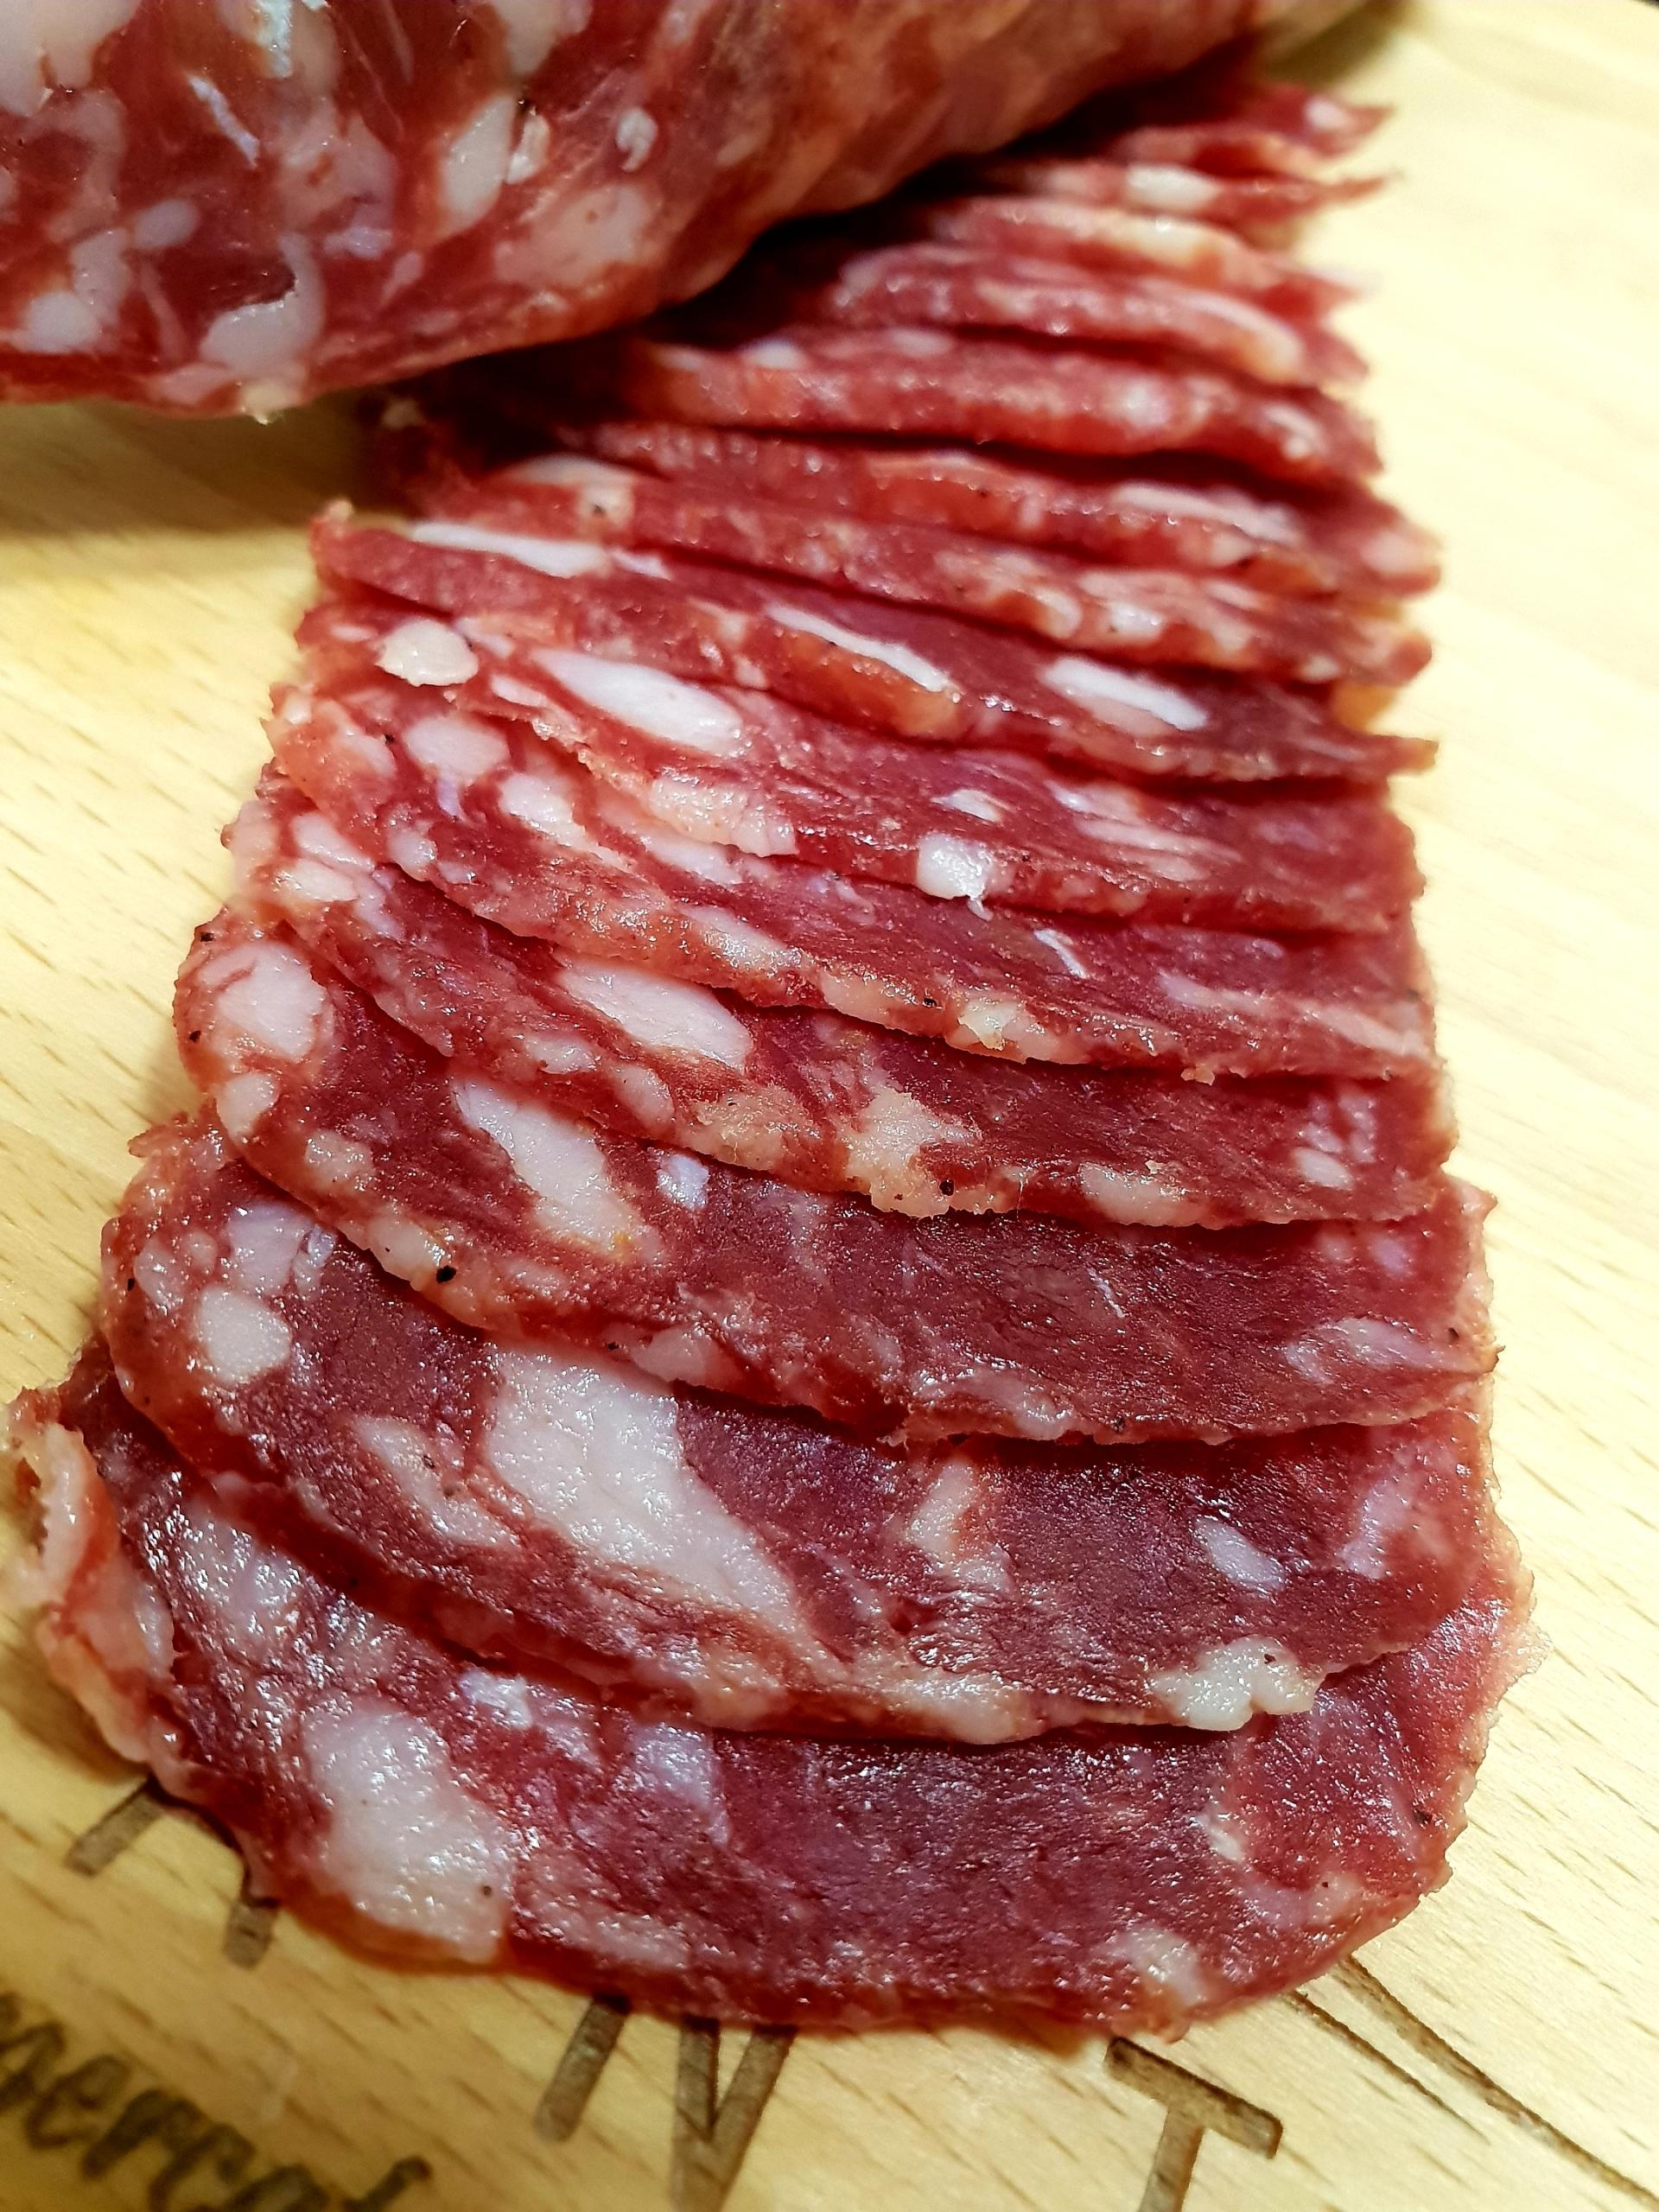 Салями из диких сицилийских свиней 100гр Сицилия